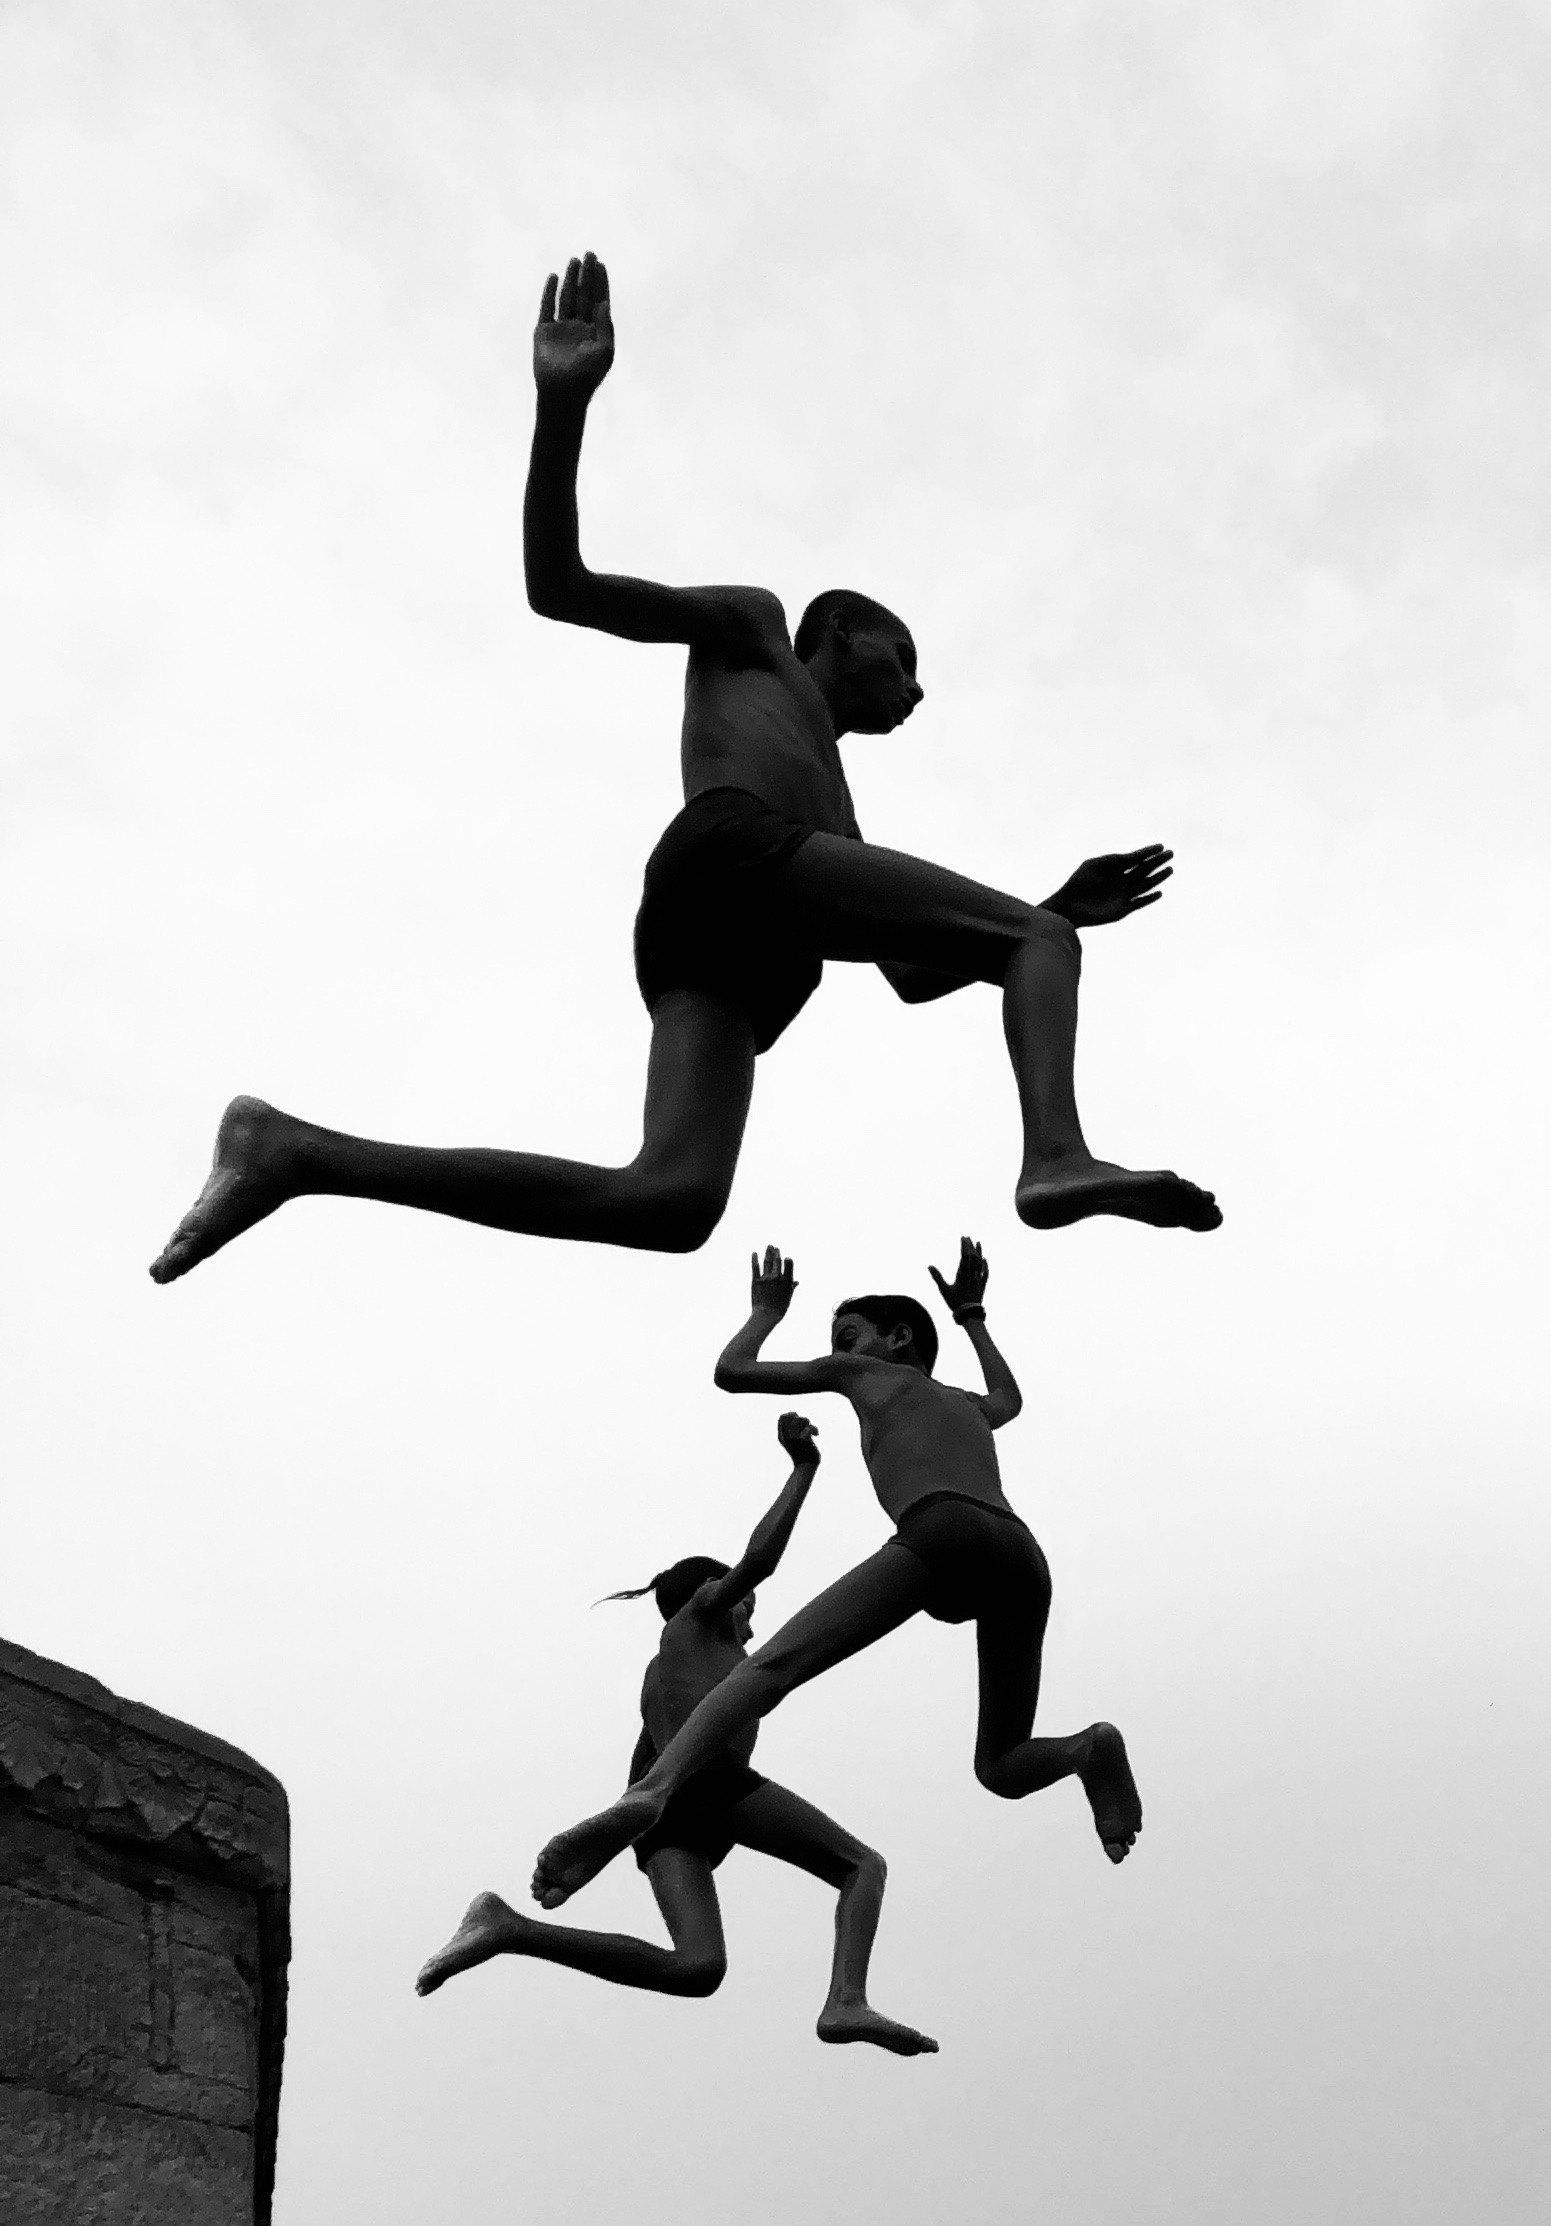 Лучшие фотографии 2020 года, сделанные на айфон жизнь,интересное,конкурс,фотография